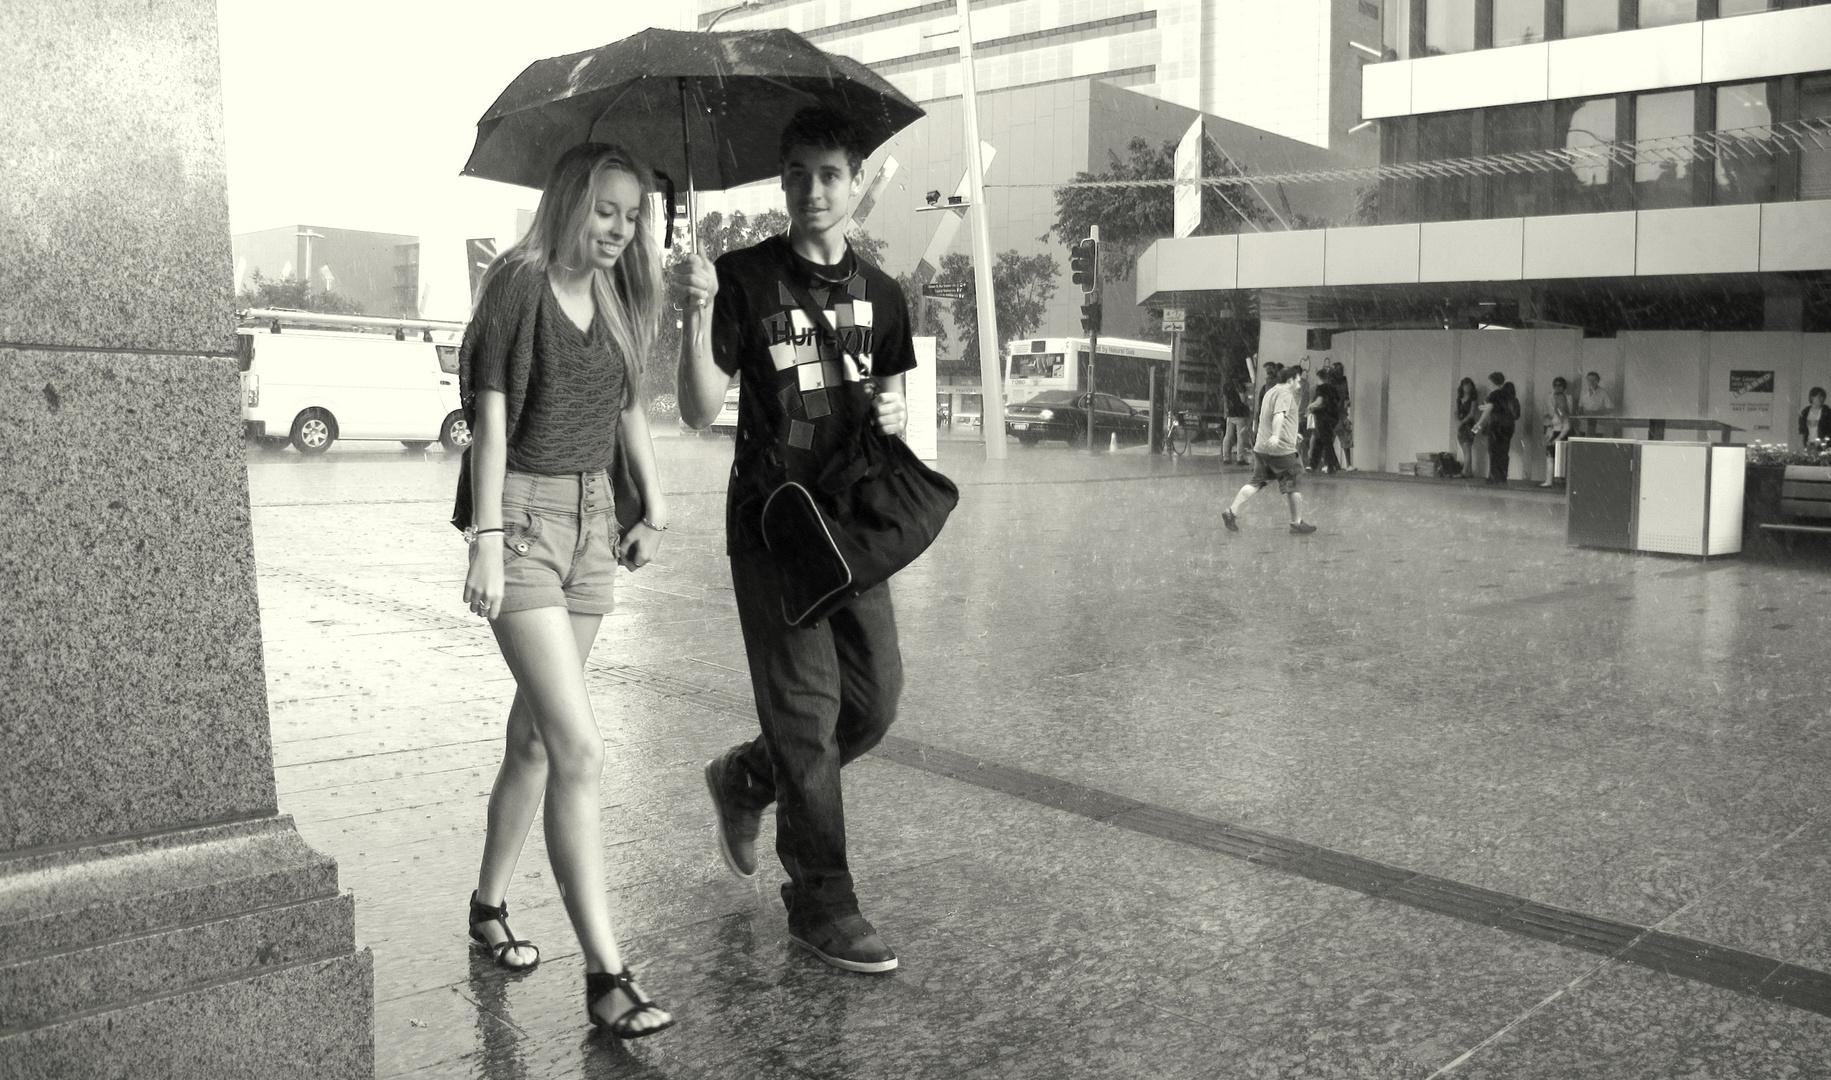 - Suddenly Rain -